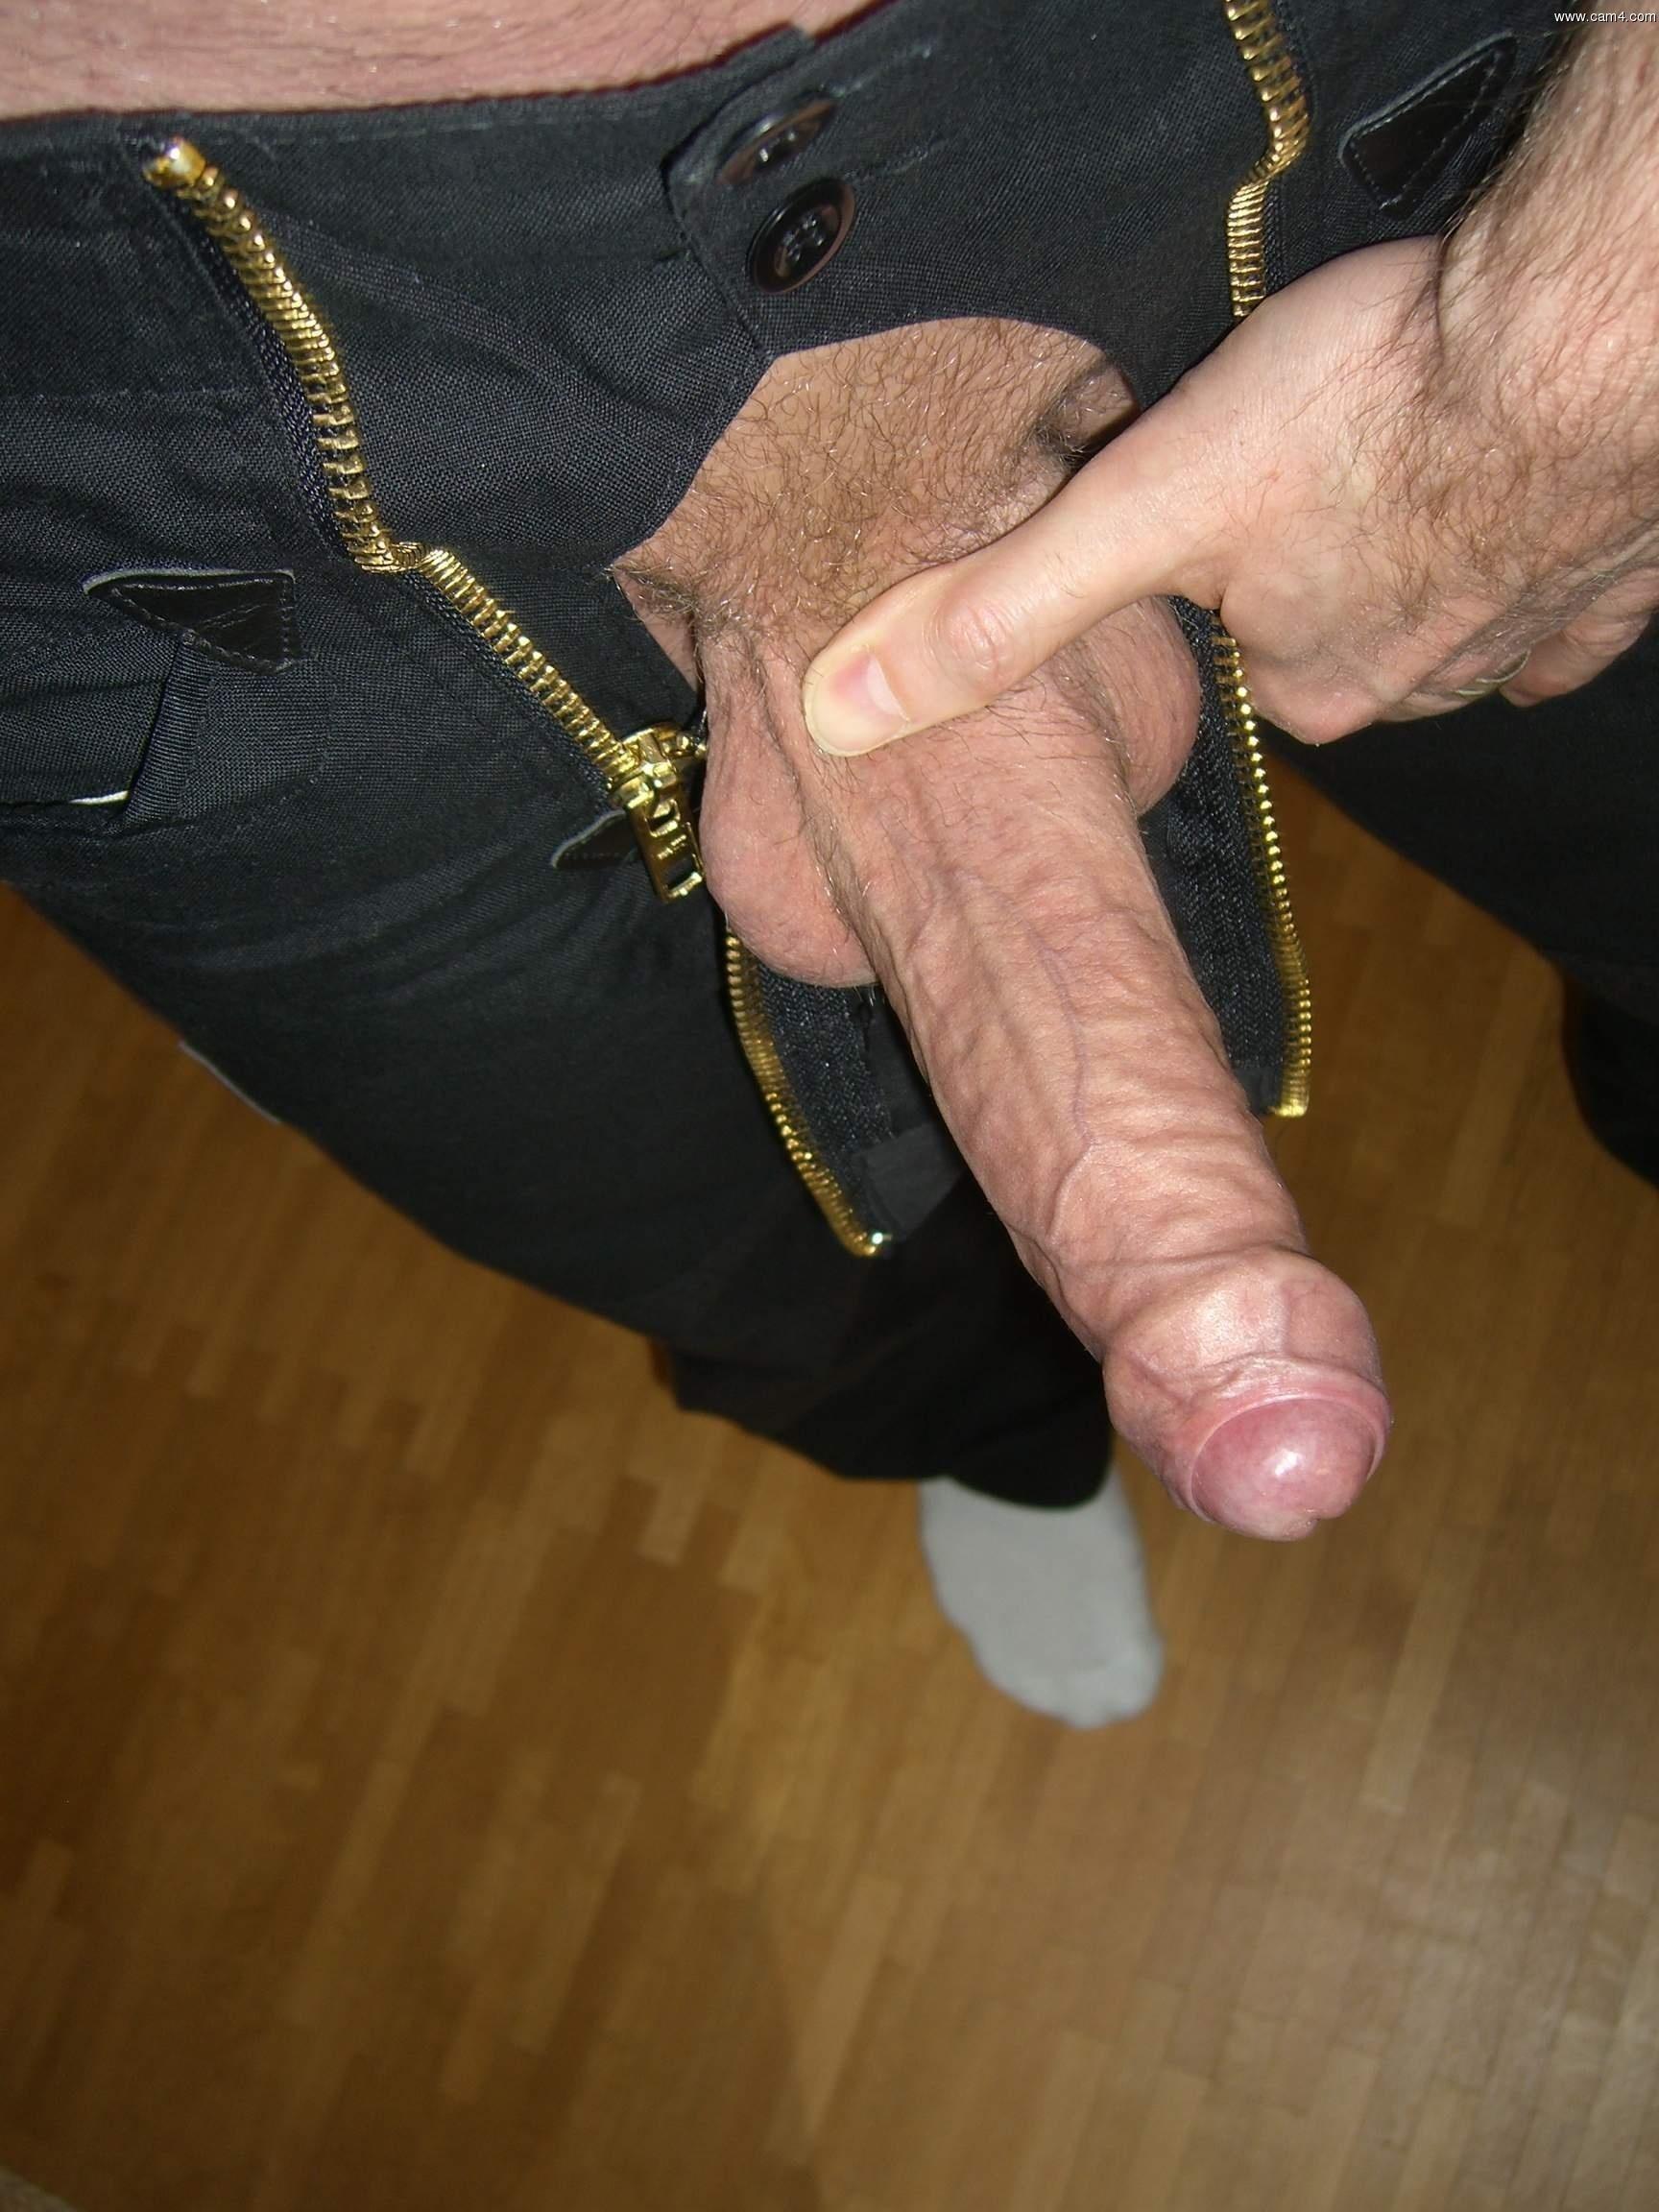 задница была порно вынул хуй из штанов тобой